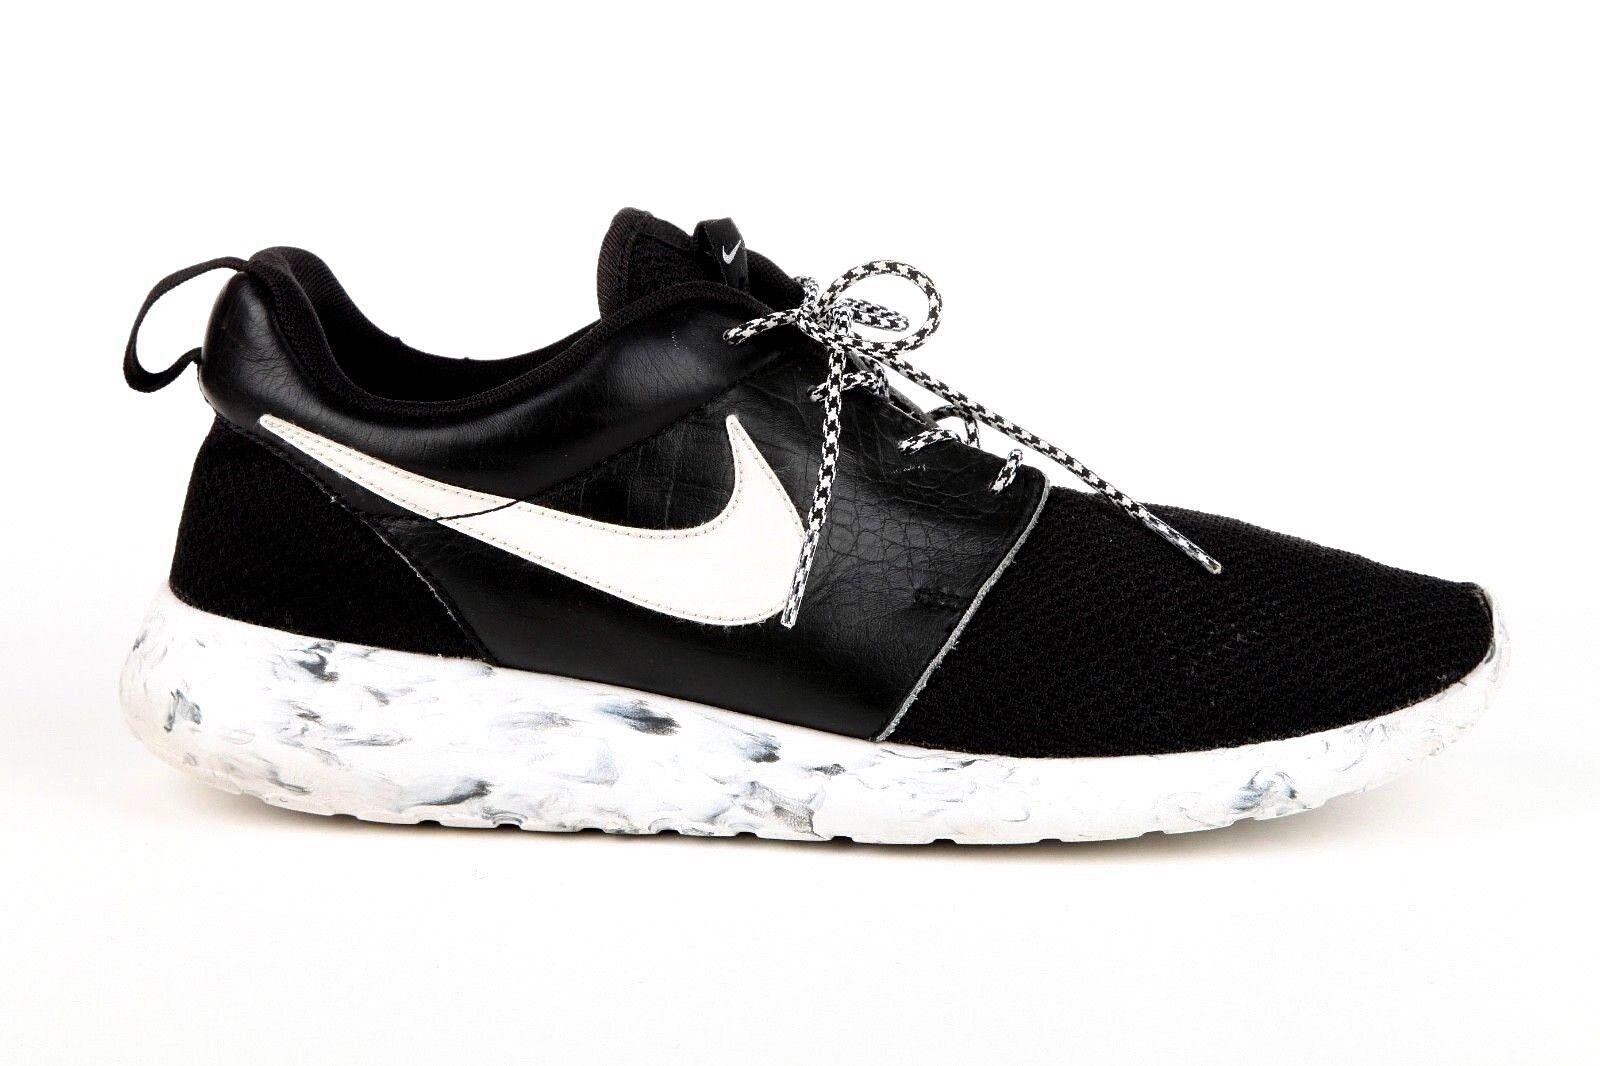 NIKE ROSHE RUN Sneakers Men's US 10 Black Paint Splatter White Swoosh Custom